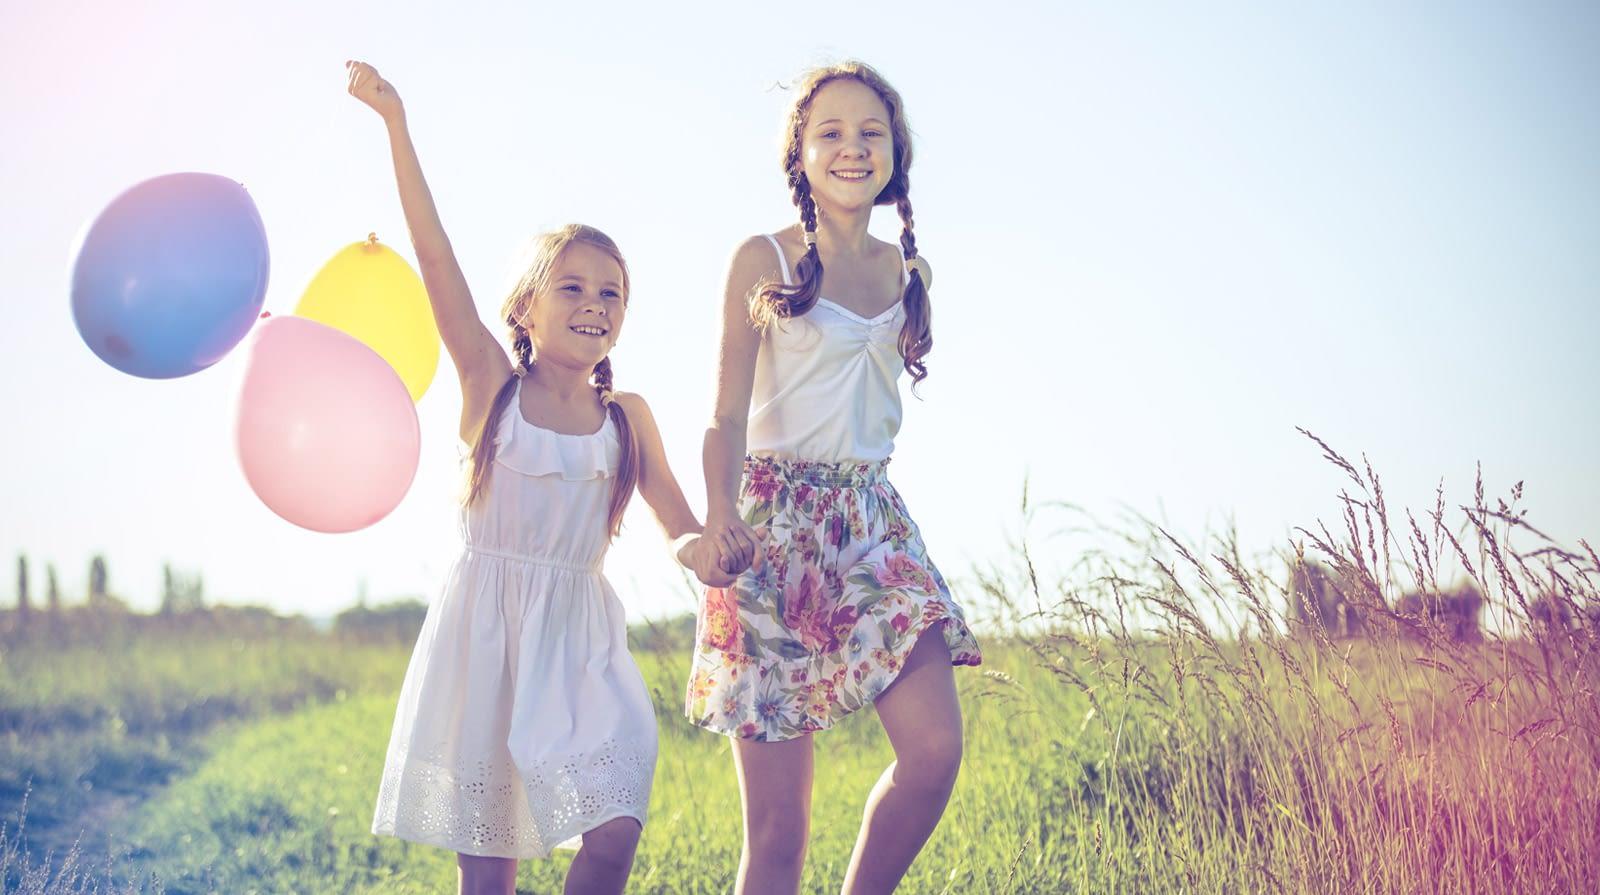 210419_Artikelbild_1600x895_Homeschooling_v3